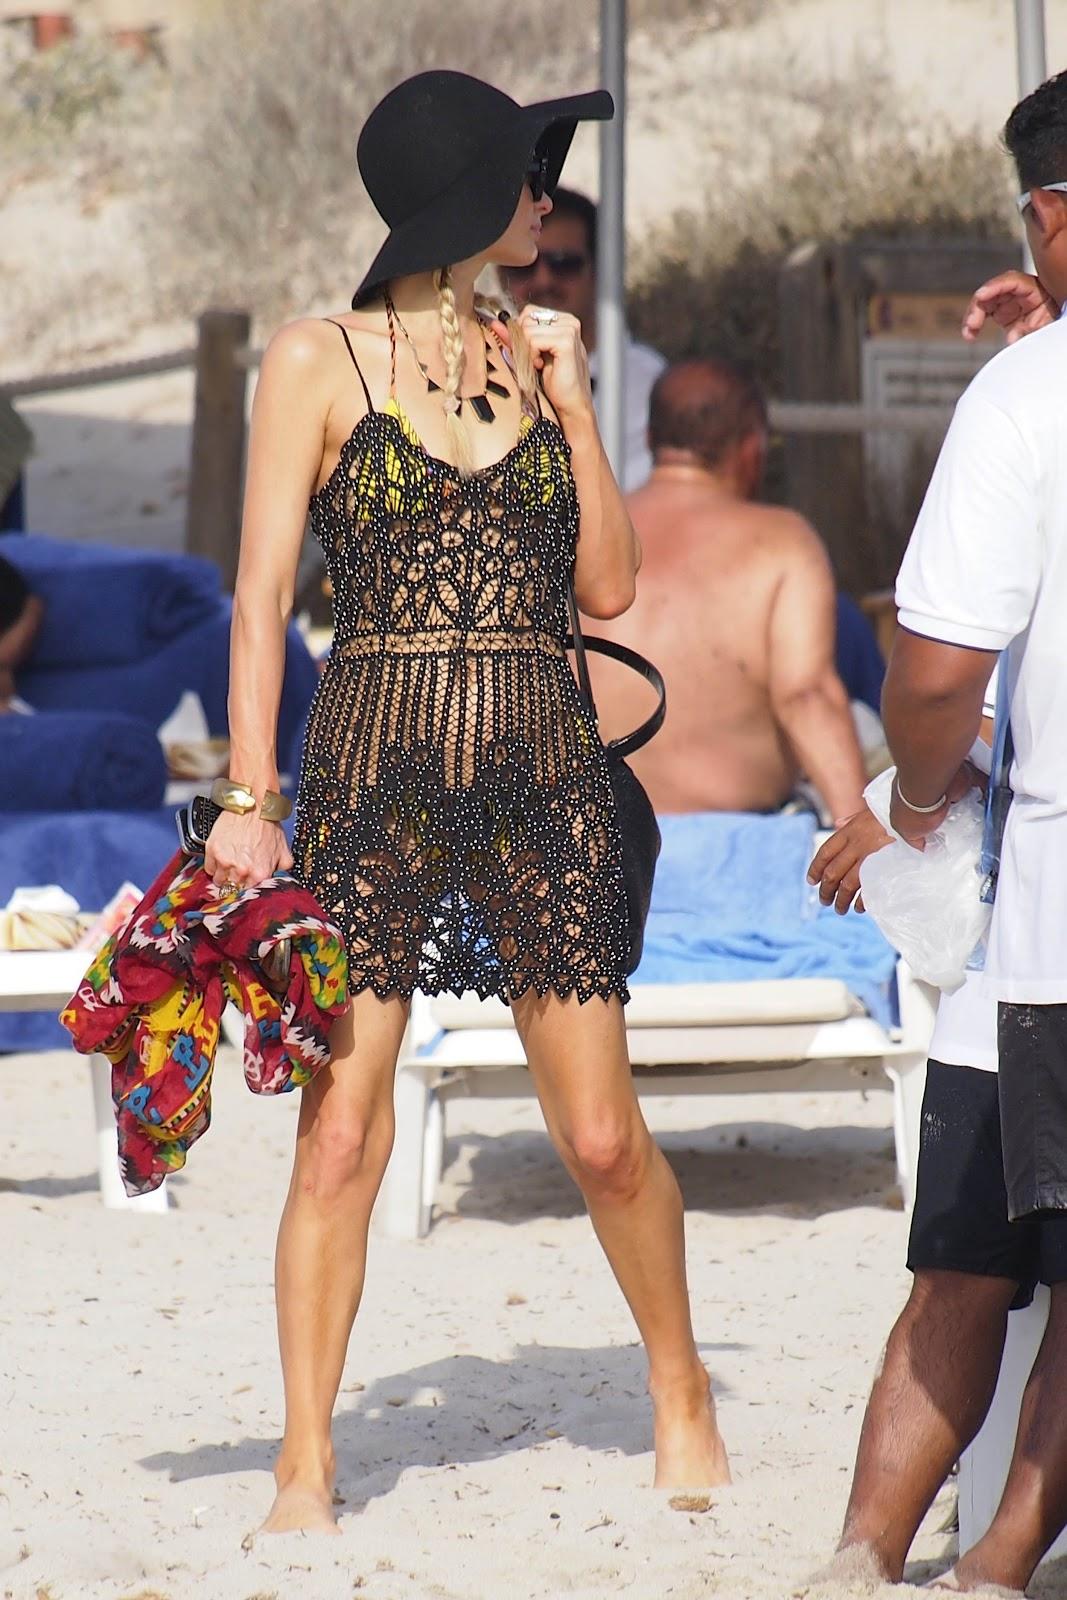 http://1.bp.blogspot.com/-Z-9m3O9l-5g/T_lmBVx707I/AAAAAAAAKNI/H8lX8N13LOk/s1600/Paris+Hilton+-+Ibiza+Vacation+July+2012+-02.jpg